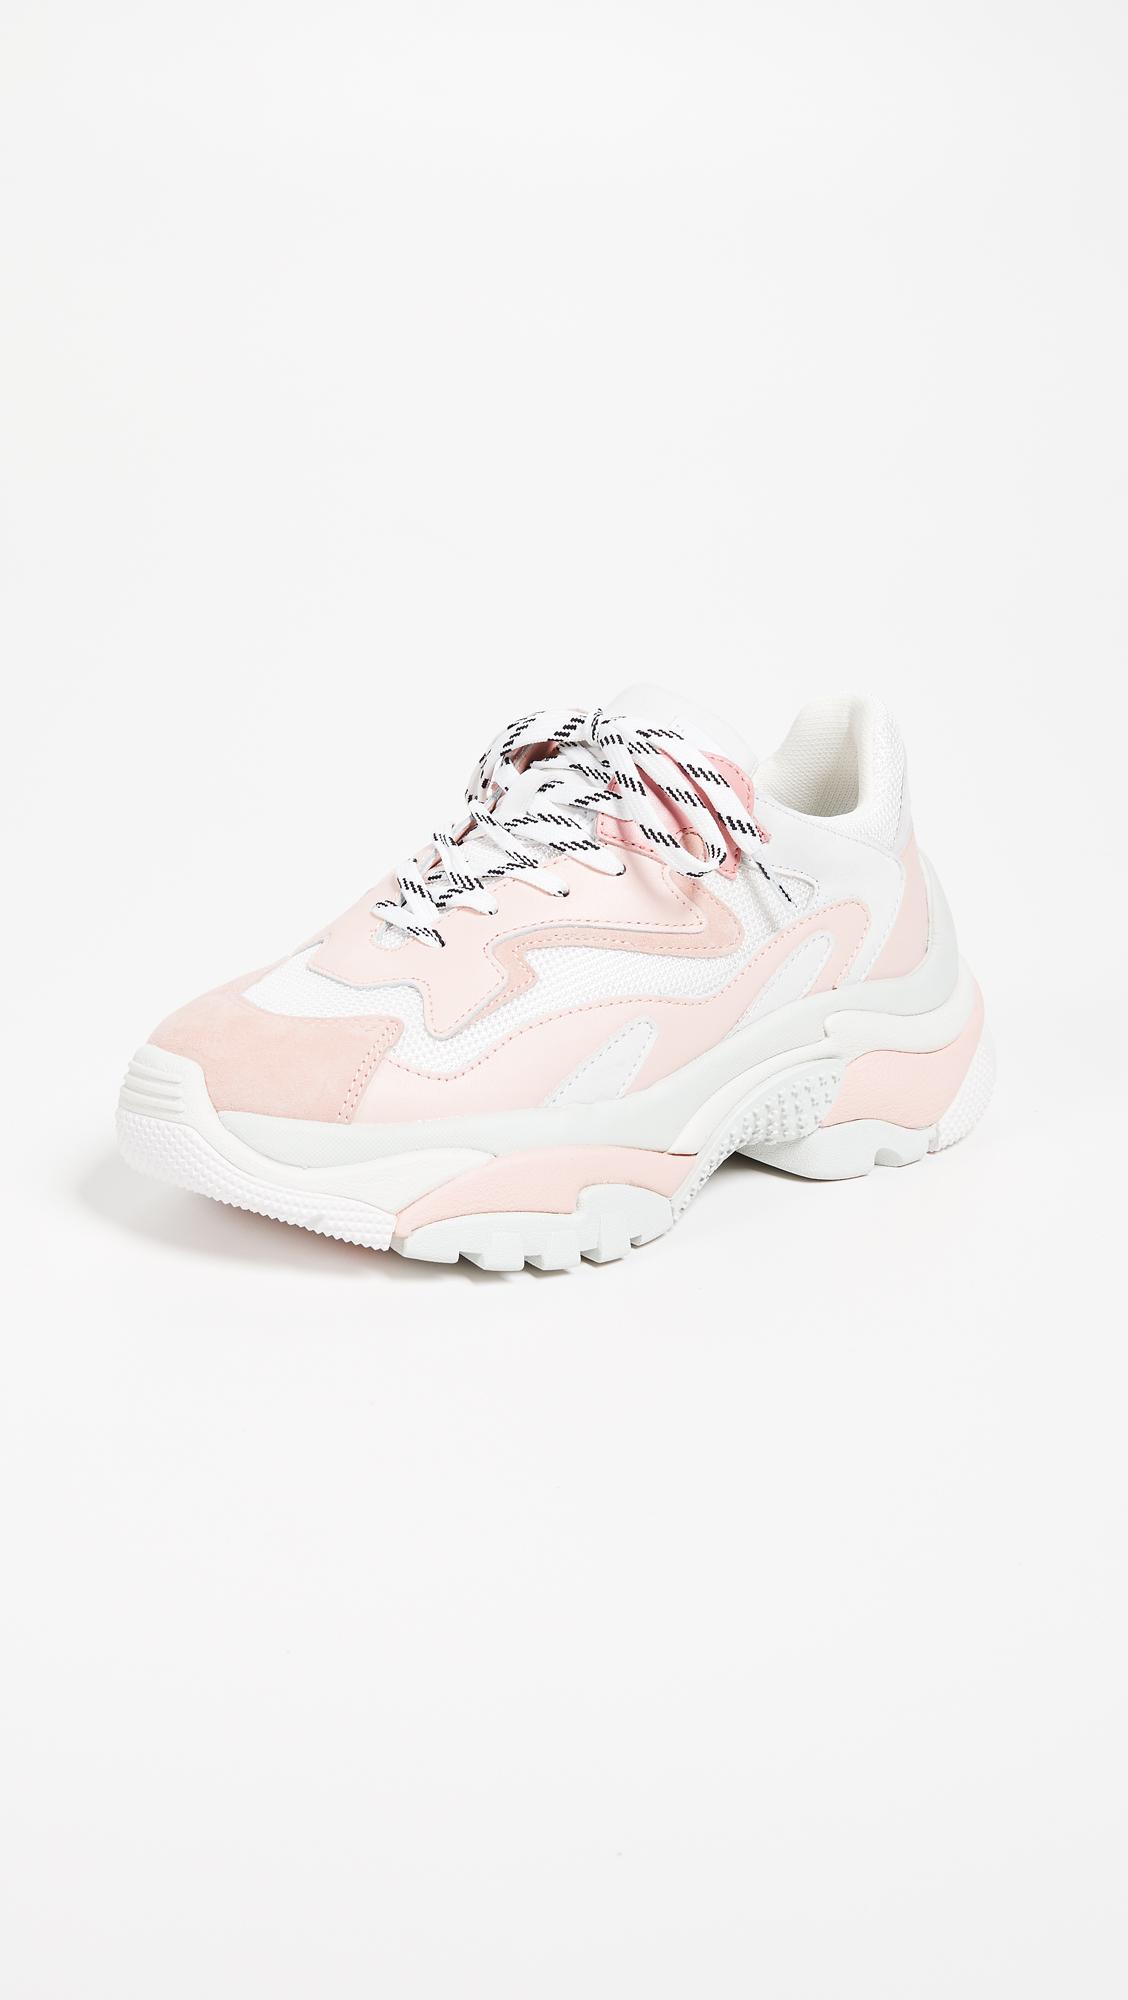 Virgin pink soles review